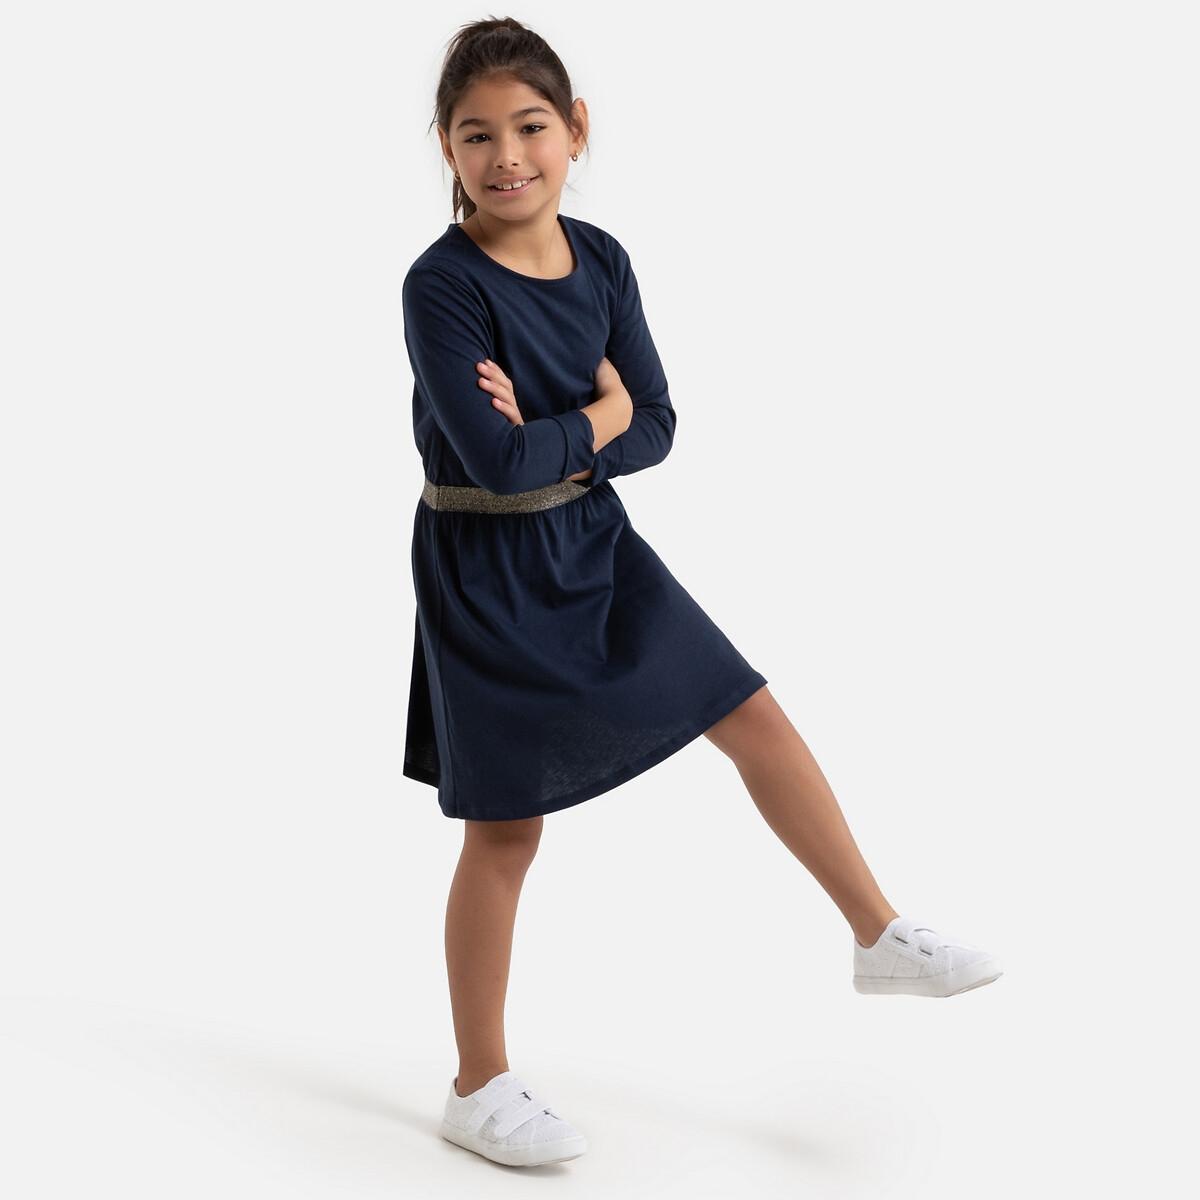 Платье LaRedoute Однотонное приталенное и блестящее 3-12 лет 5 лет - 108 см синий жакет la redoute из джинсовой ткани 3 14 лет 5 лет 108 см синий